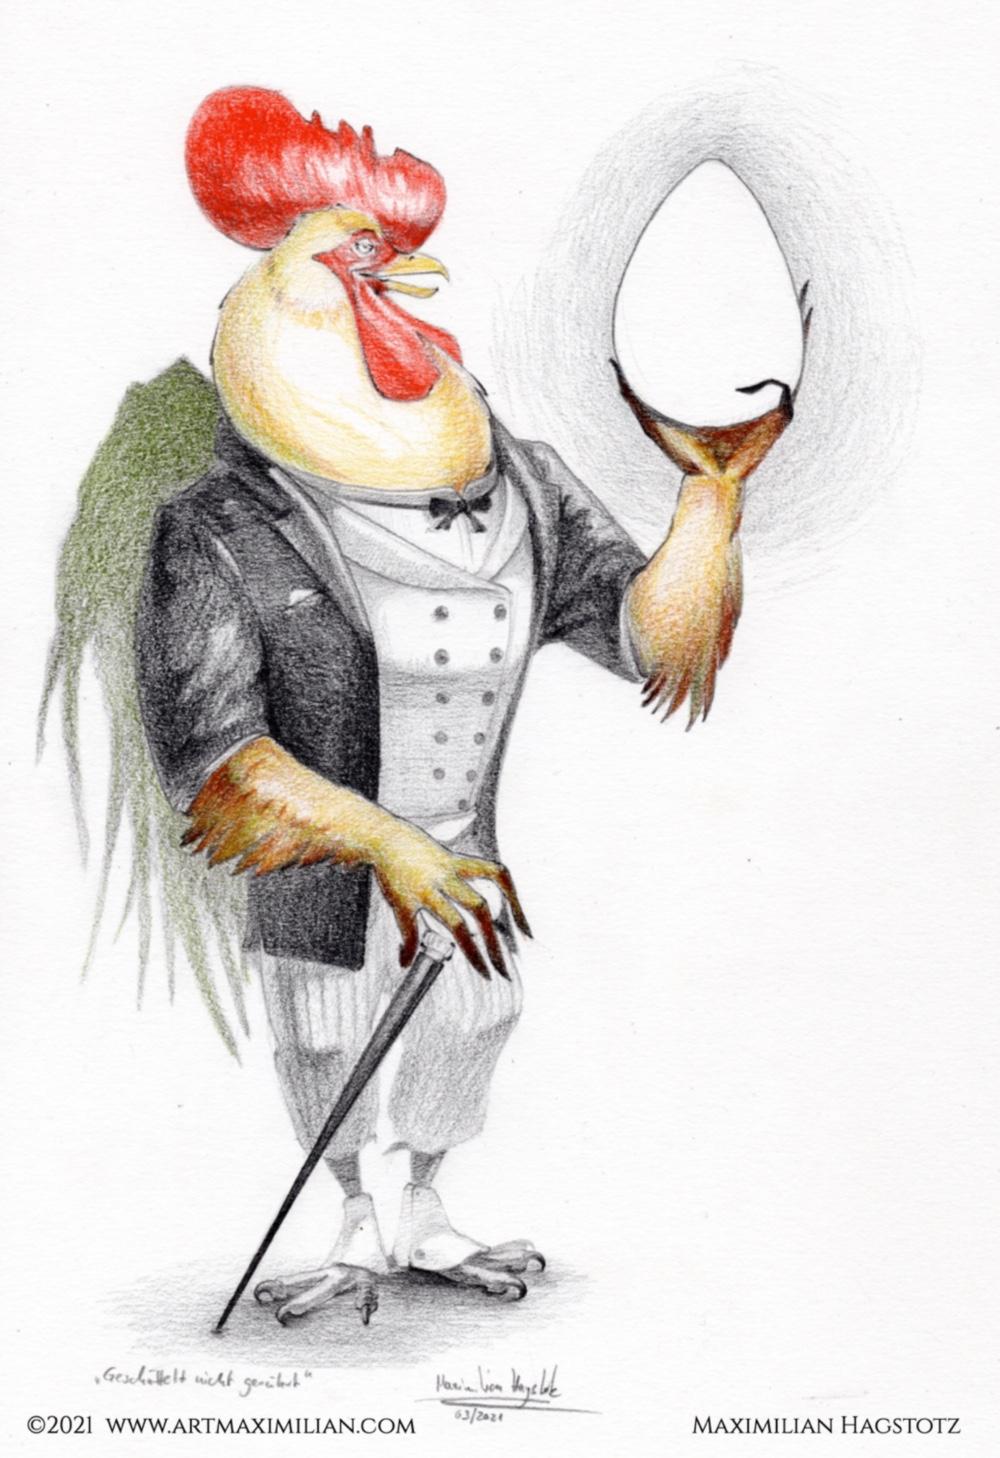 Ostern Zeichnung Grafik Kunst neu Maximilan Hagstotz gentleman Gockel ei geschüttelt nicht gerührt Anzug Farbe Geschenkidee stilvoll mann Frau gamaschen